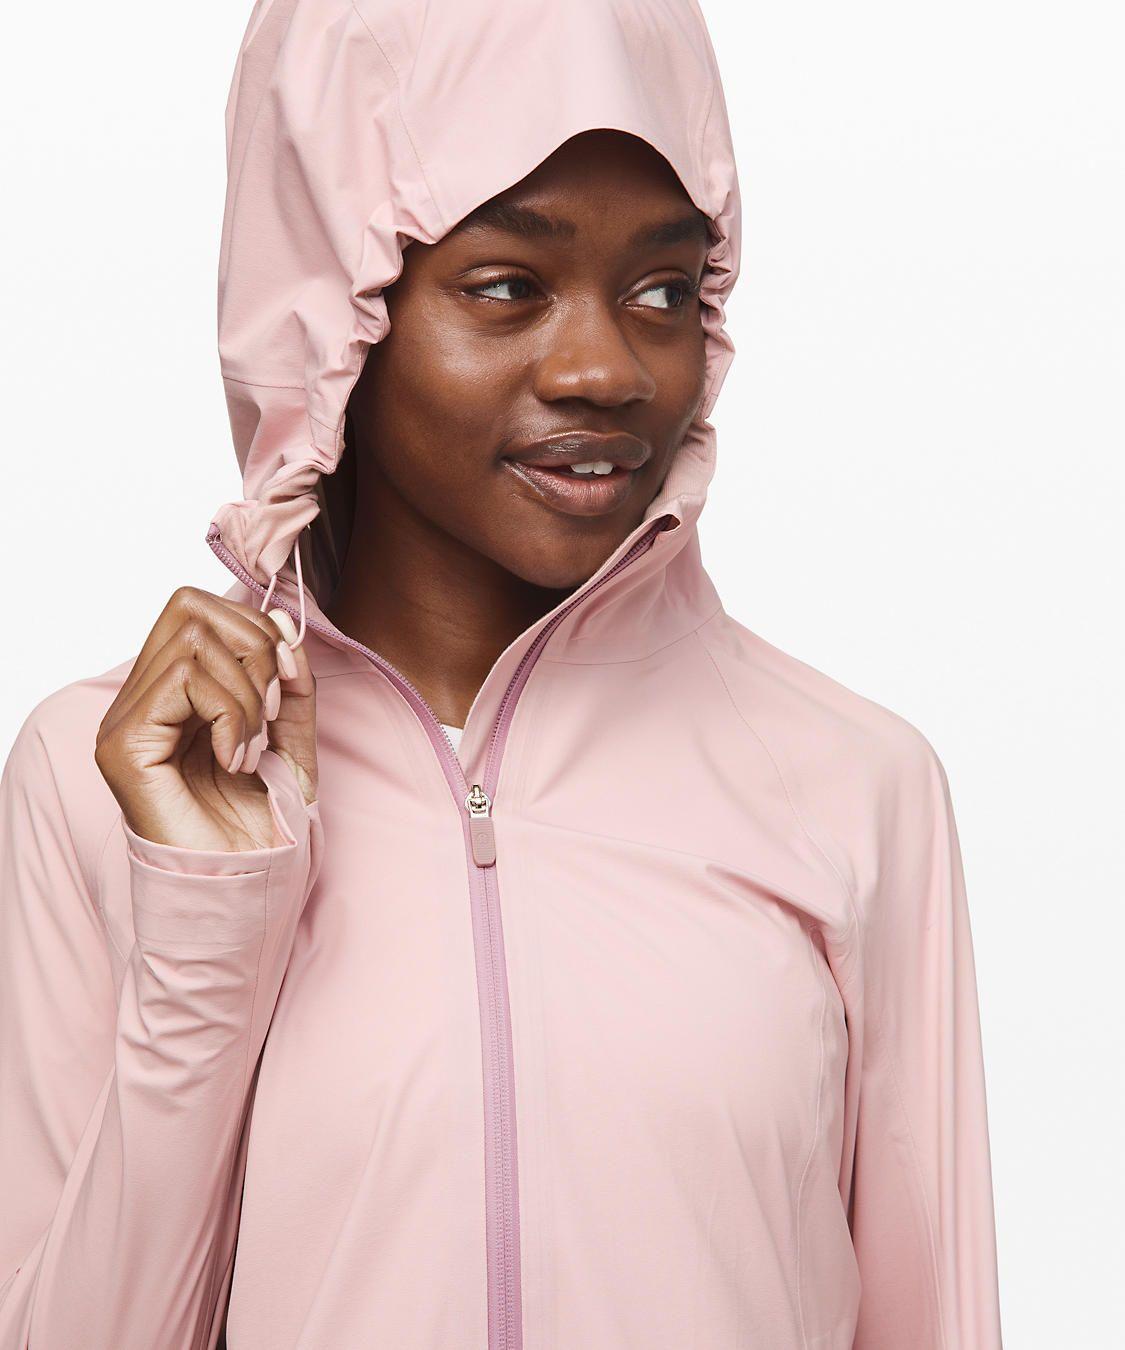 The Rain Is Calling Jacket Ii Women S Jackets Outerwear Lululemon Athletica Rain Jackets Jackets For Women [ 1350 x 1125 Pixel ]